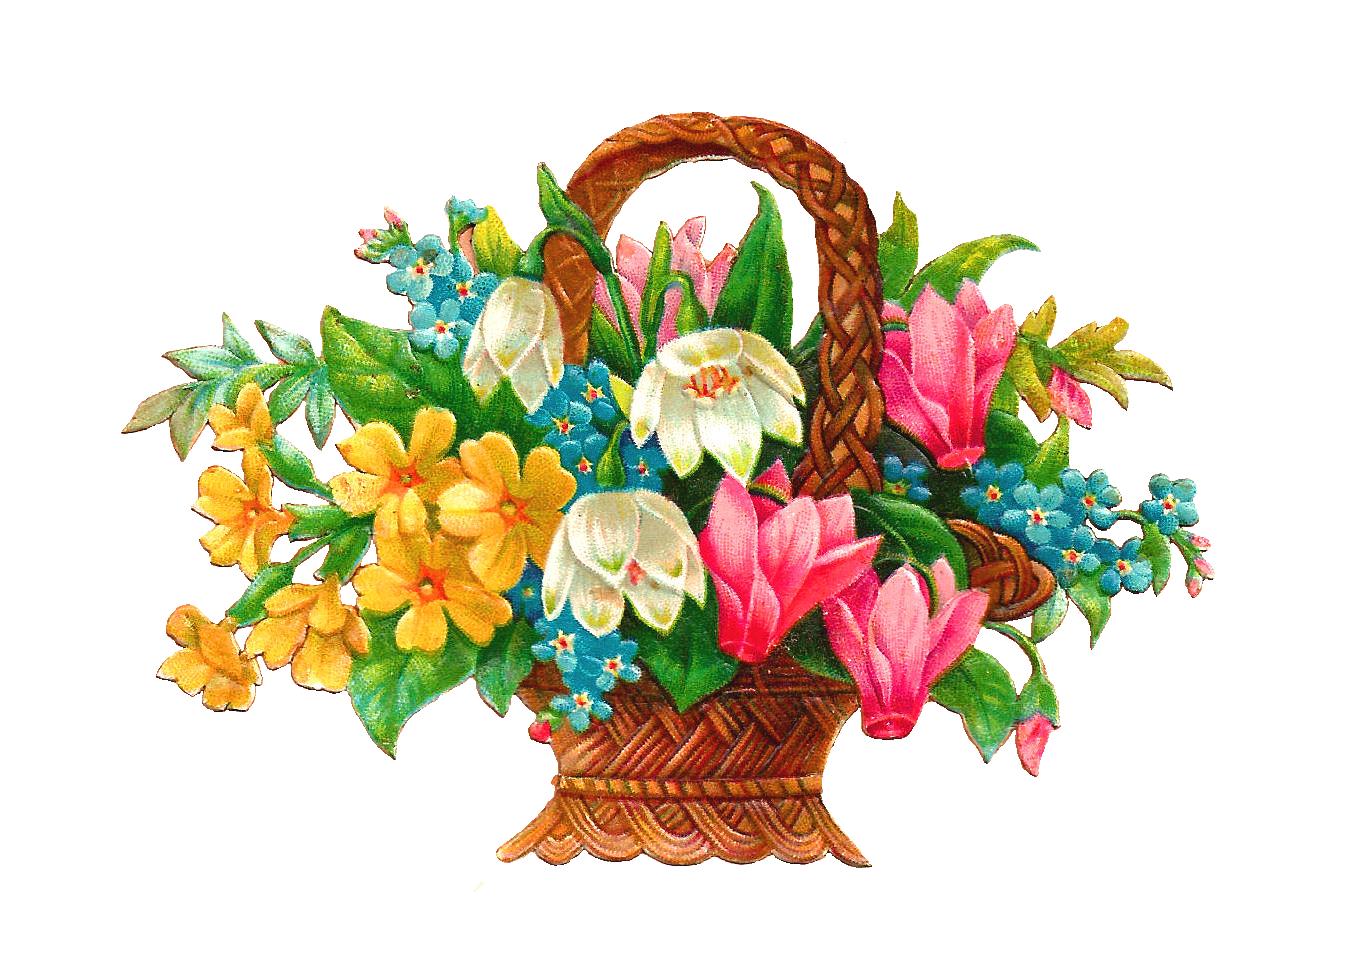 Art Basket Images : Antique images free flower basket clip art wicket